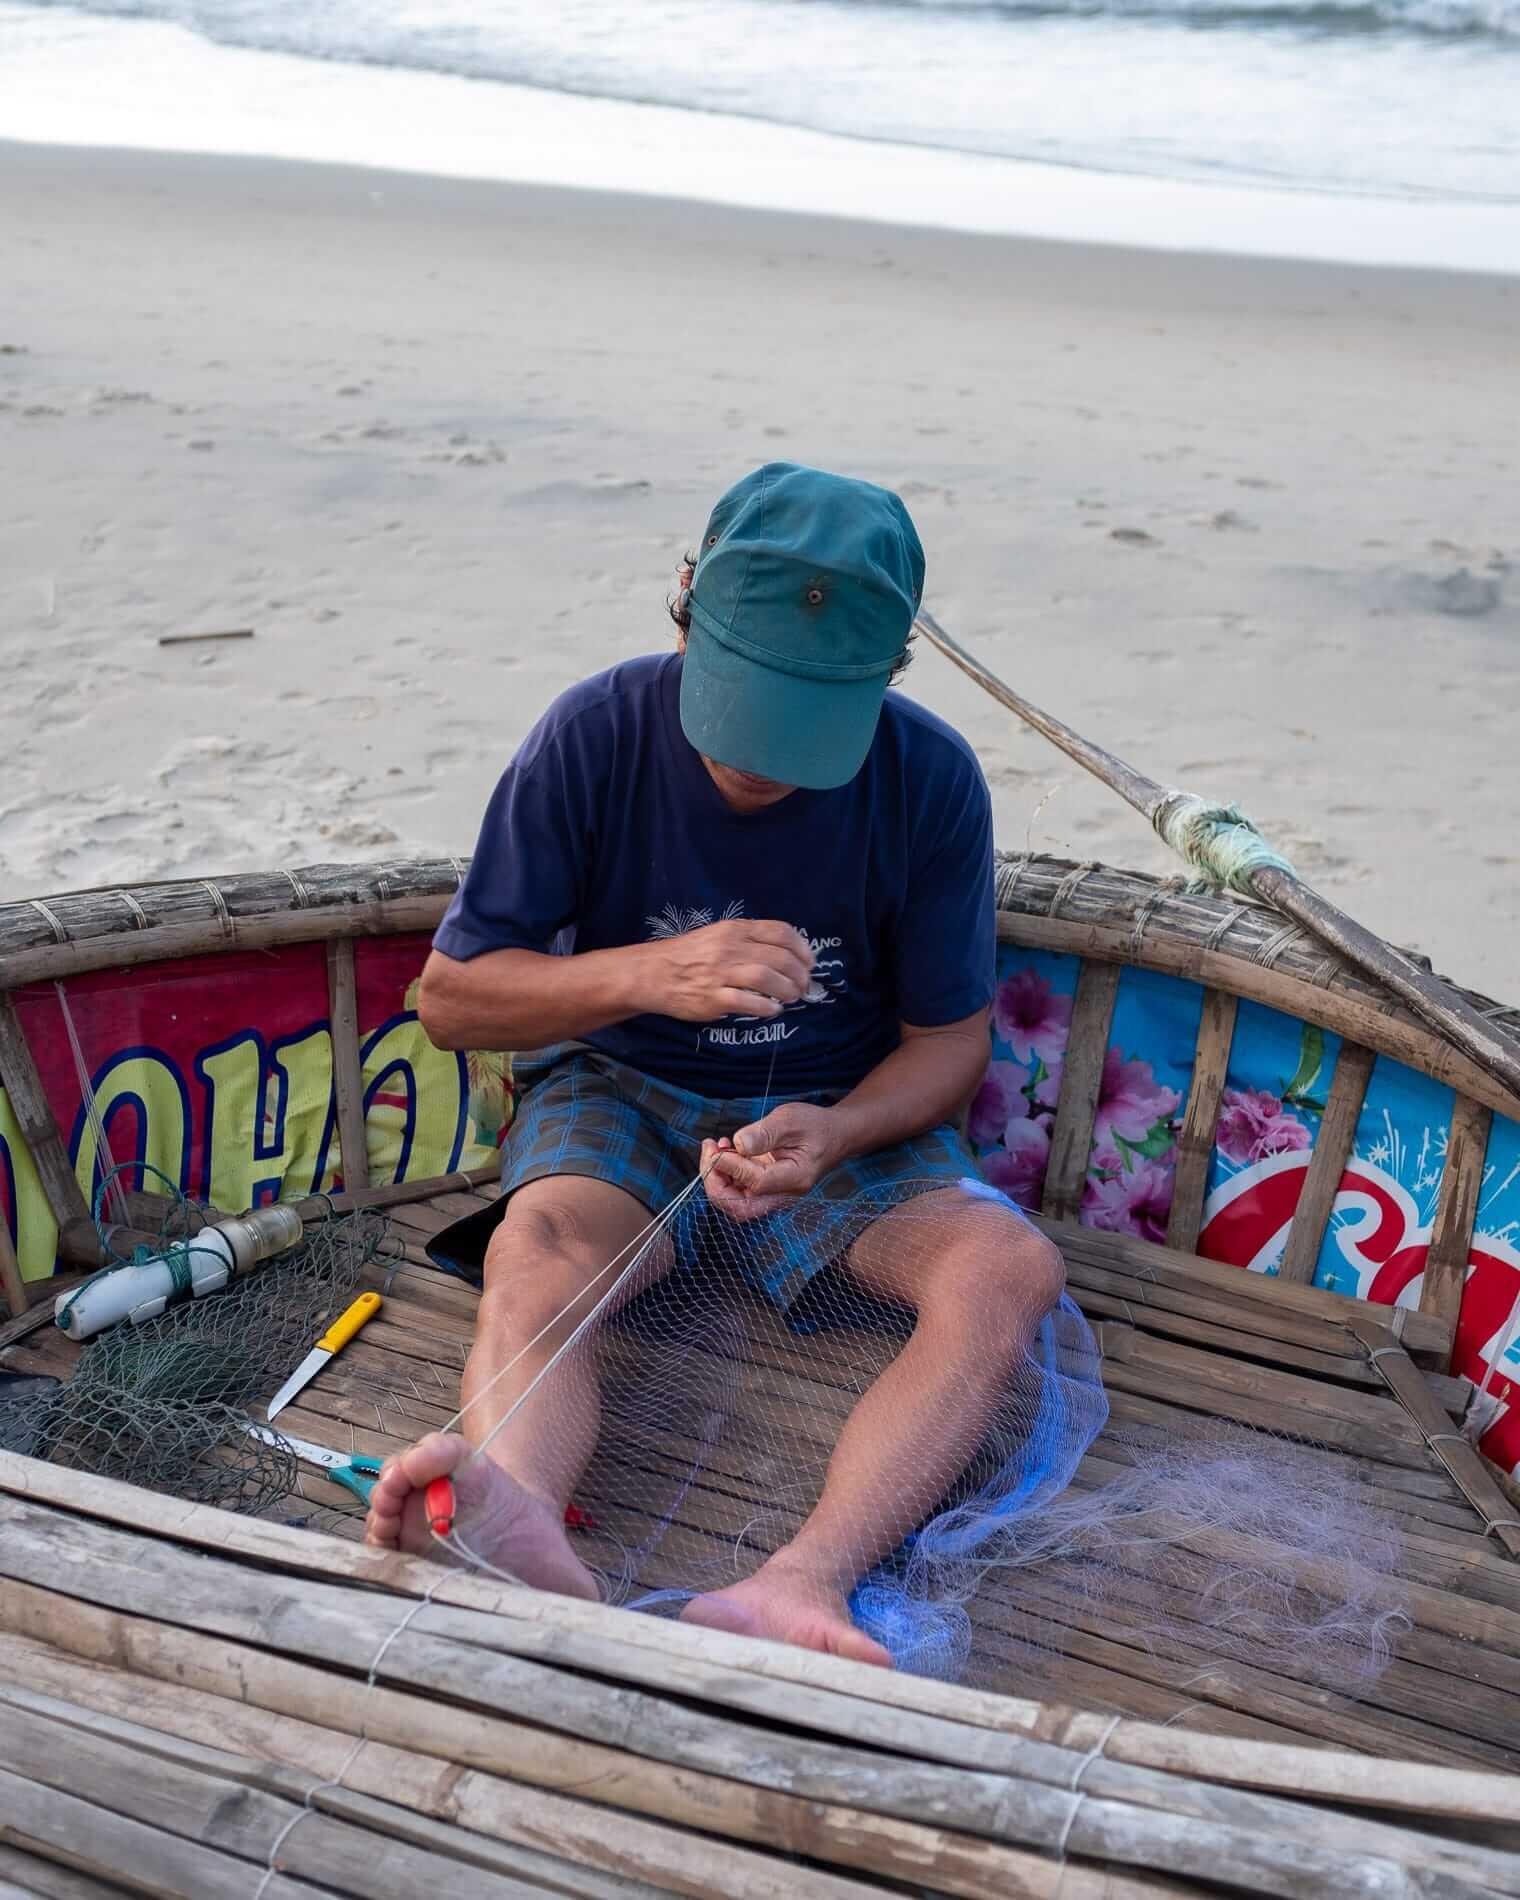 a fisherman repairing his net